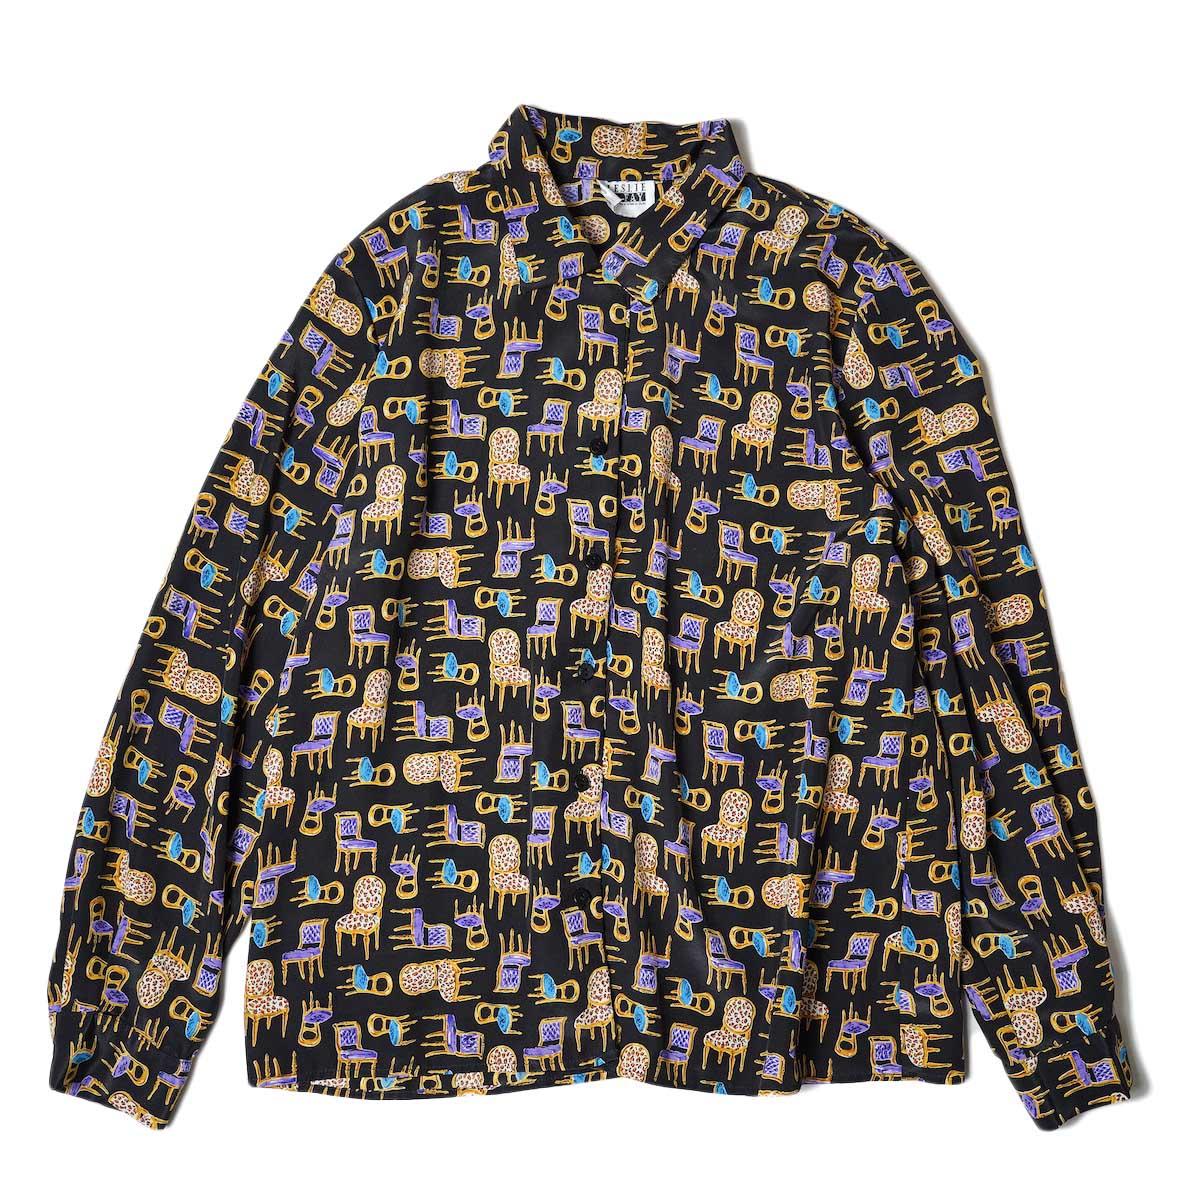 USED / Print Shirt (B)